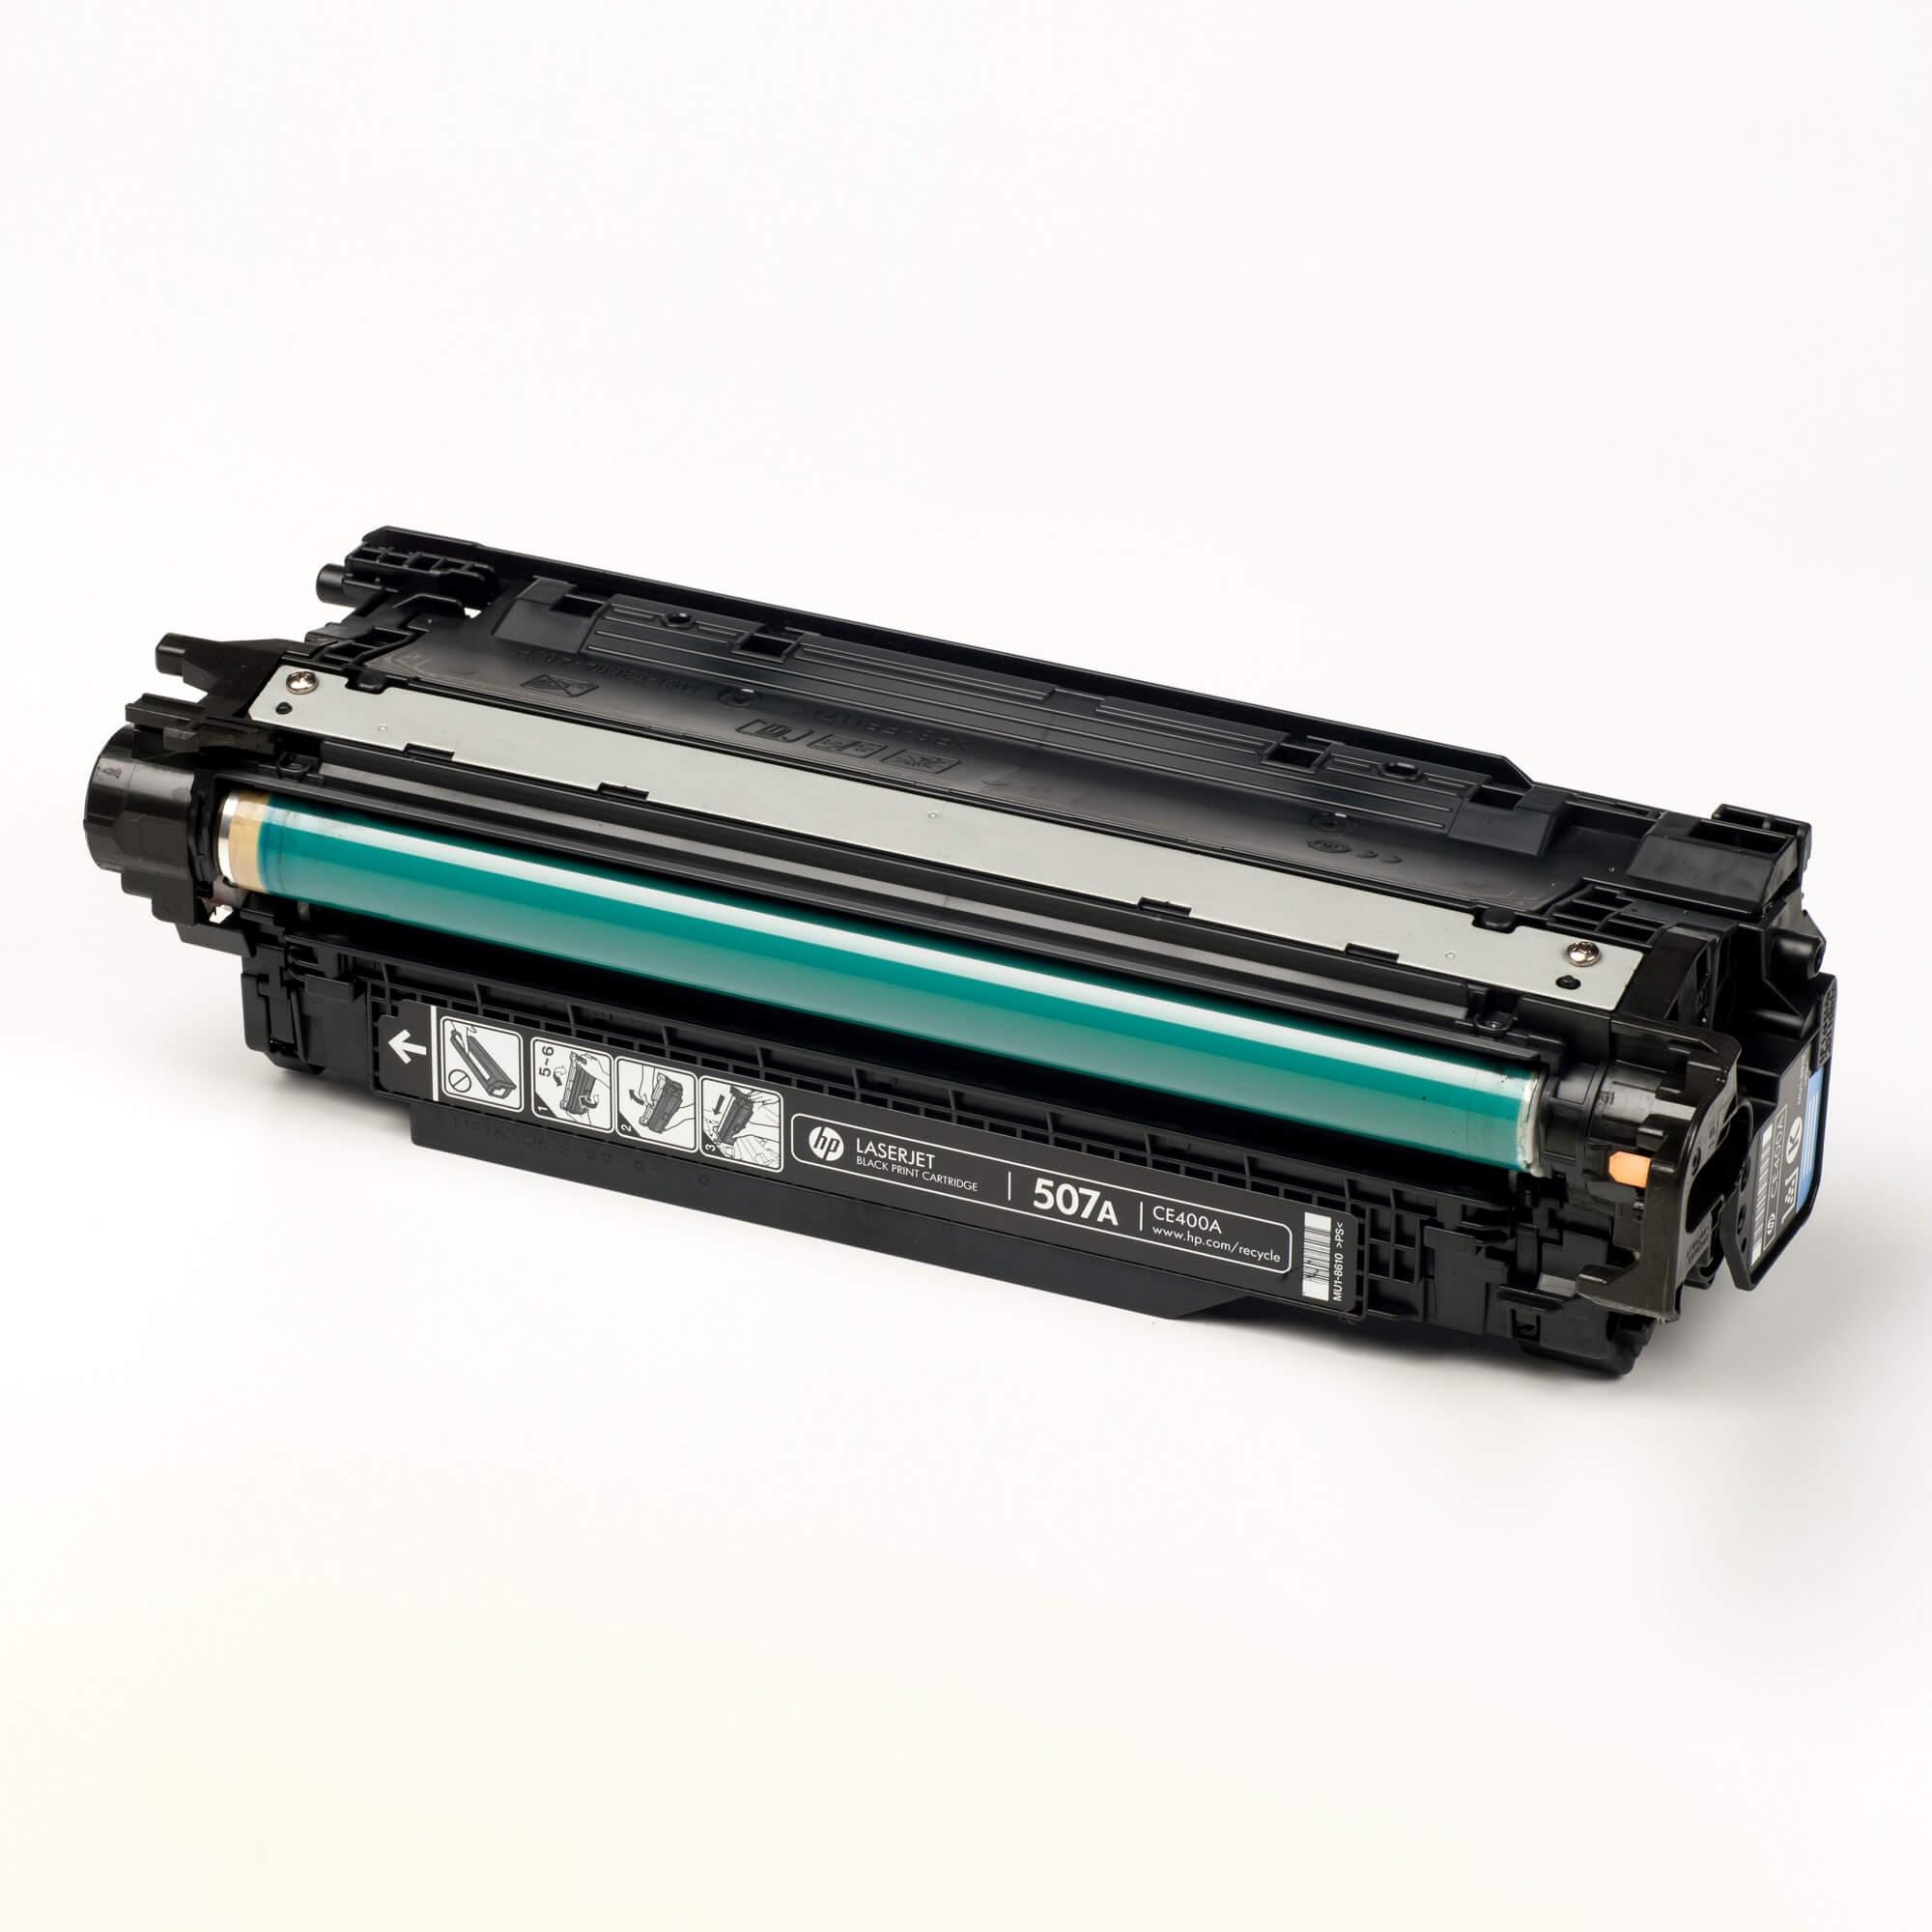 Auf dem Bild sehen Sie eine HP 507A (CE400A) Schwarz Original Tonerkartusche